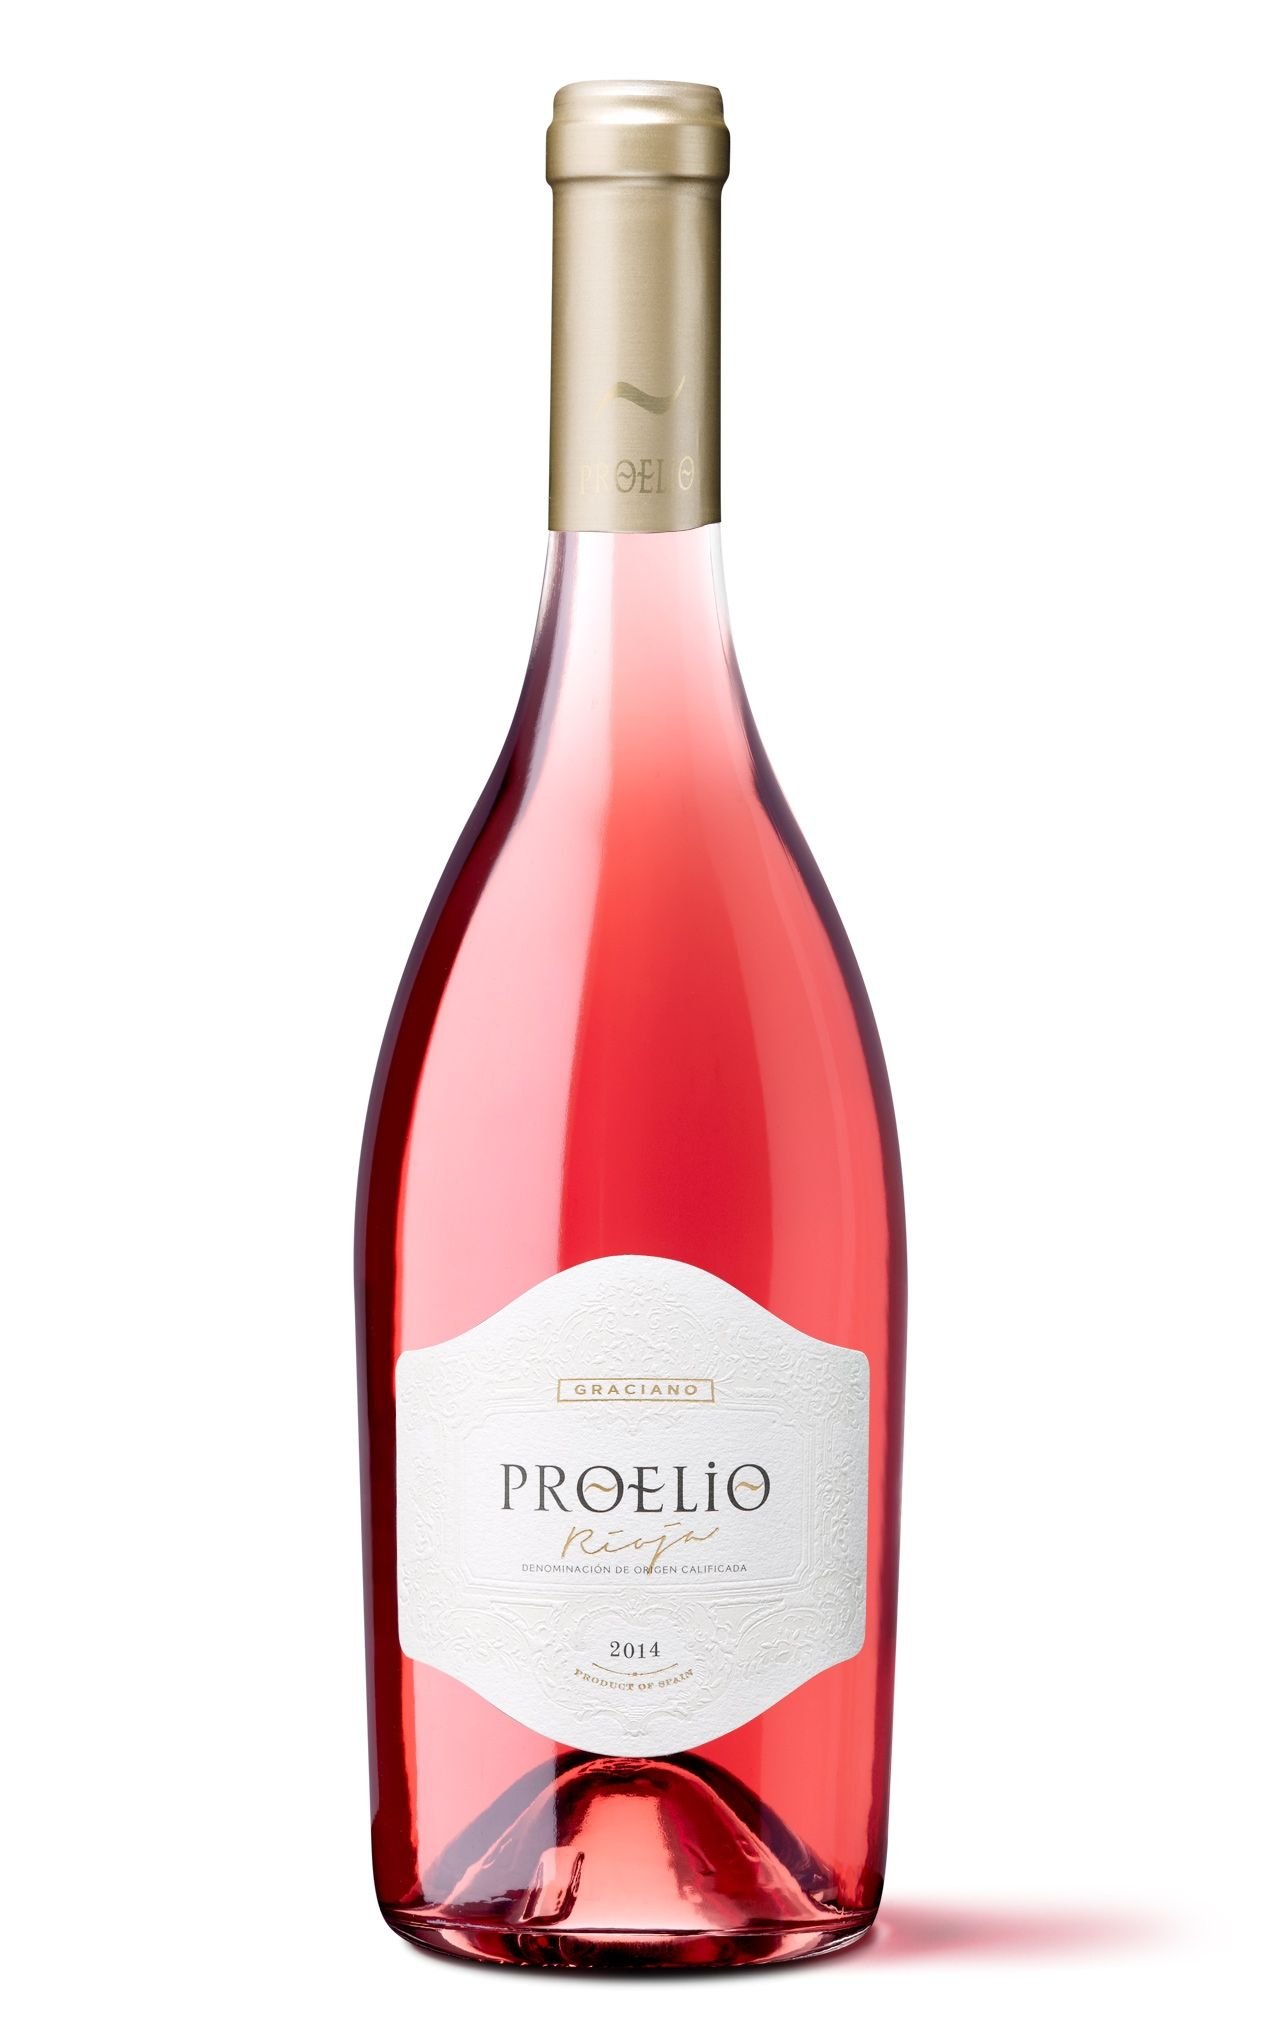 Bodegas Proelio Proelio Cepa A Cepa D O Ca Rioja Botellas De Licor Etiquetas De Vino Envasado De Vino